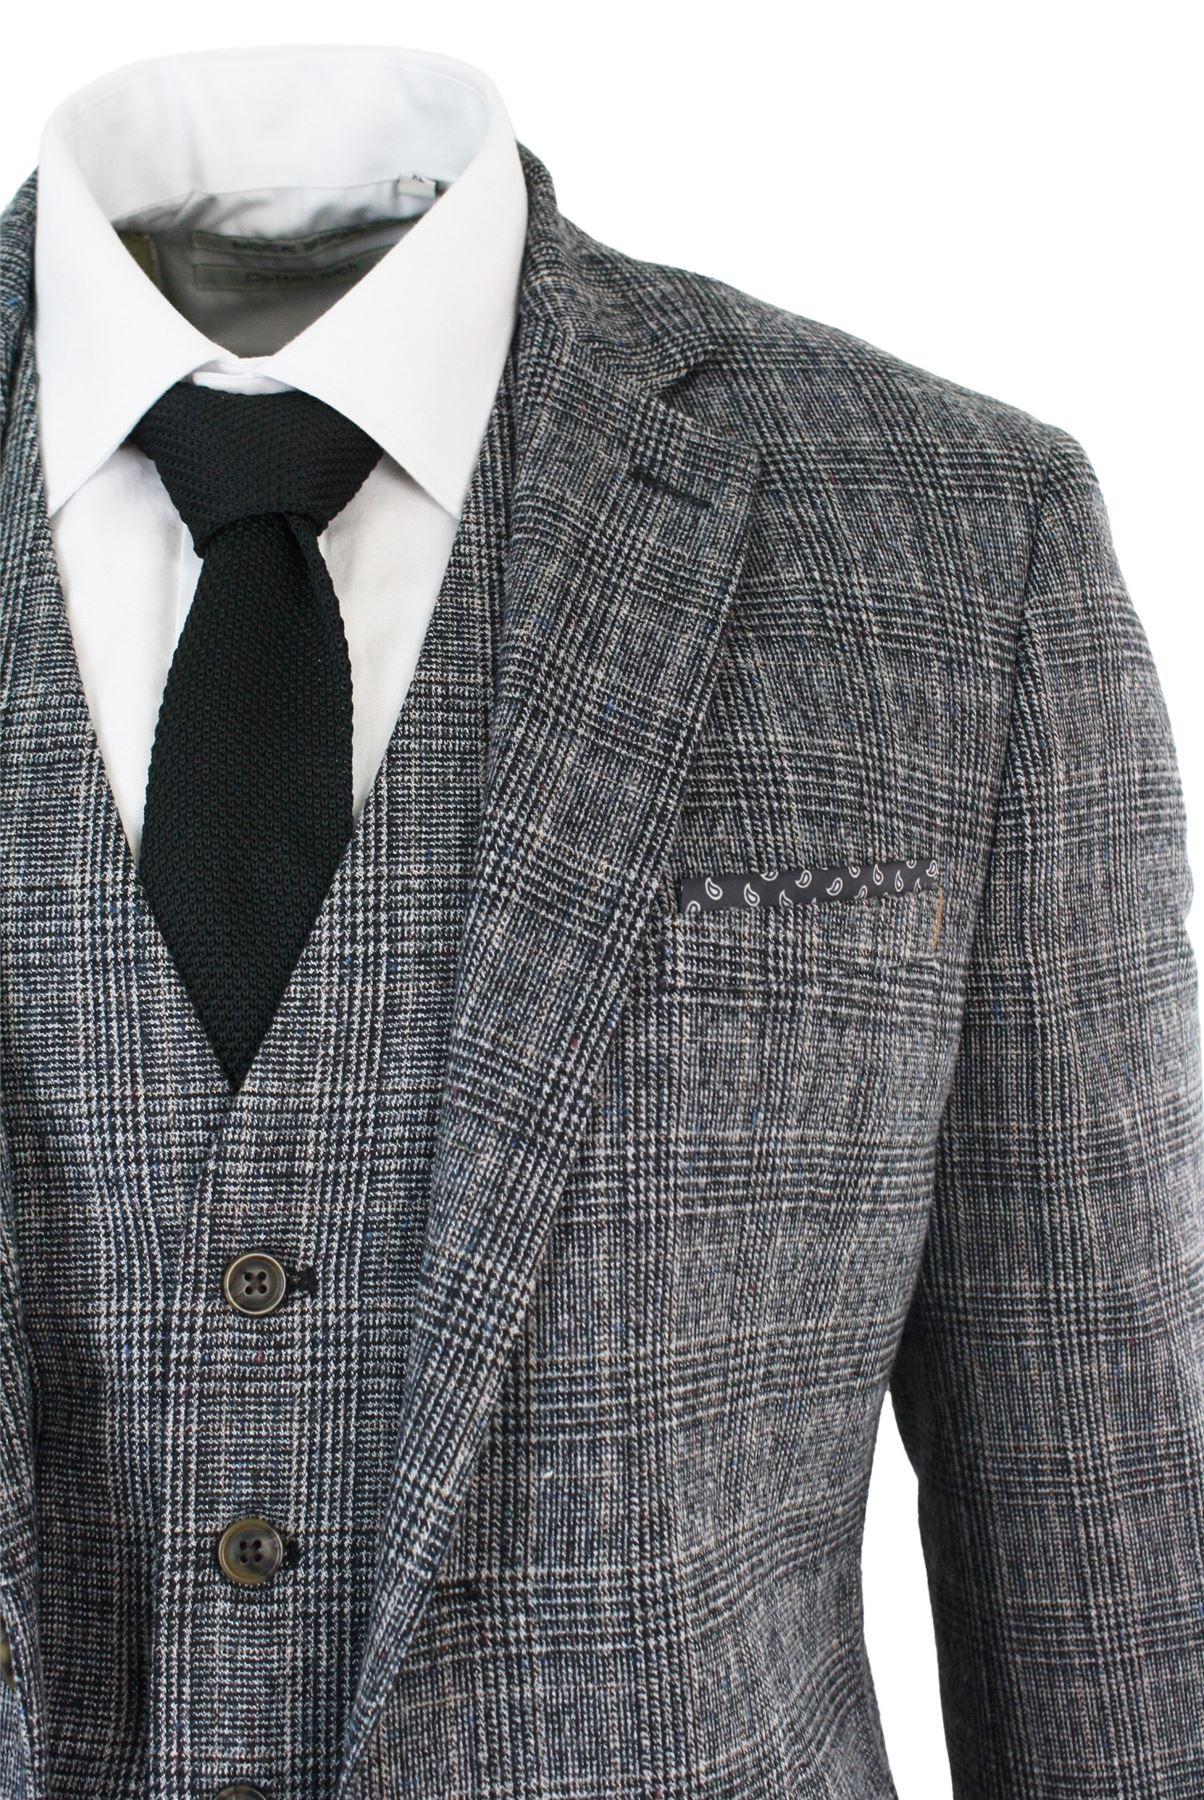 Mens Check Grey Black Vintage Retro Wedding Party Prom Suit 3 Piece ...